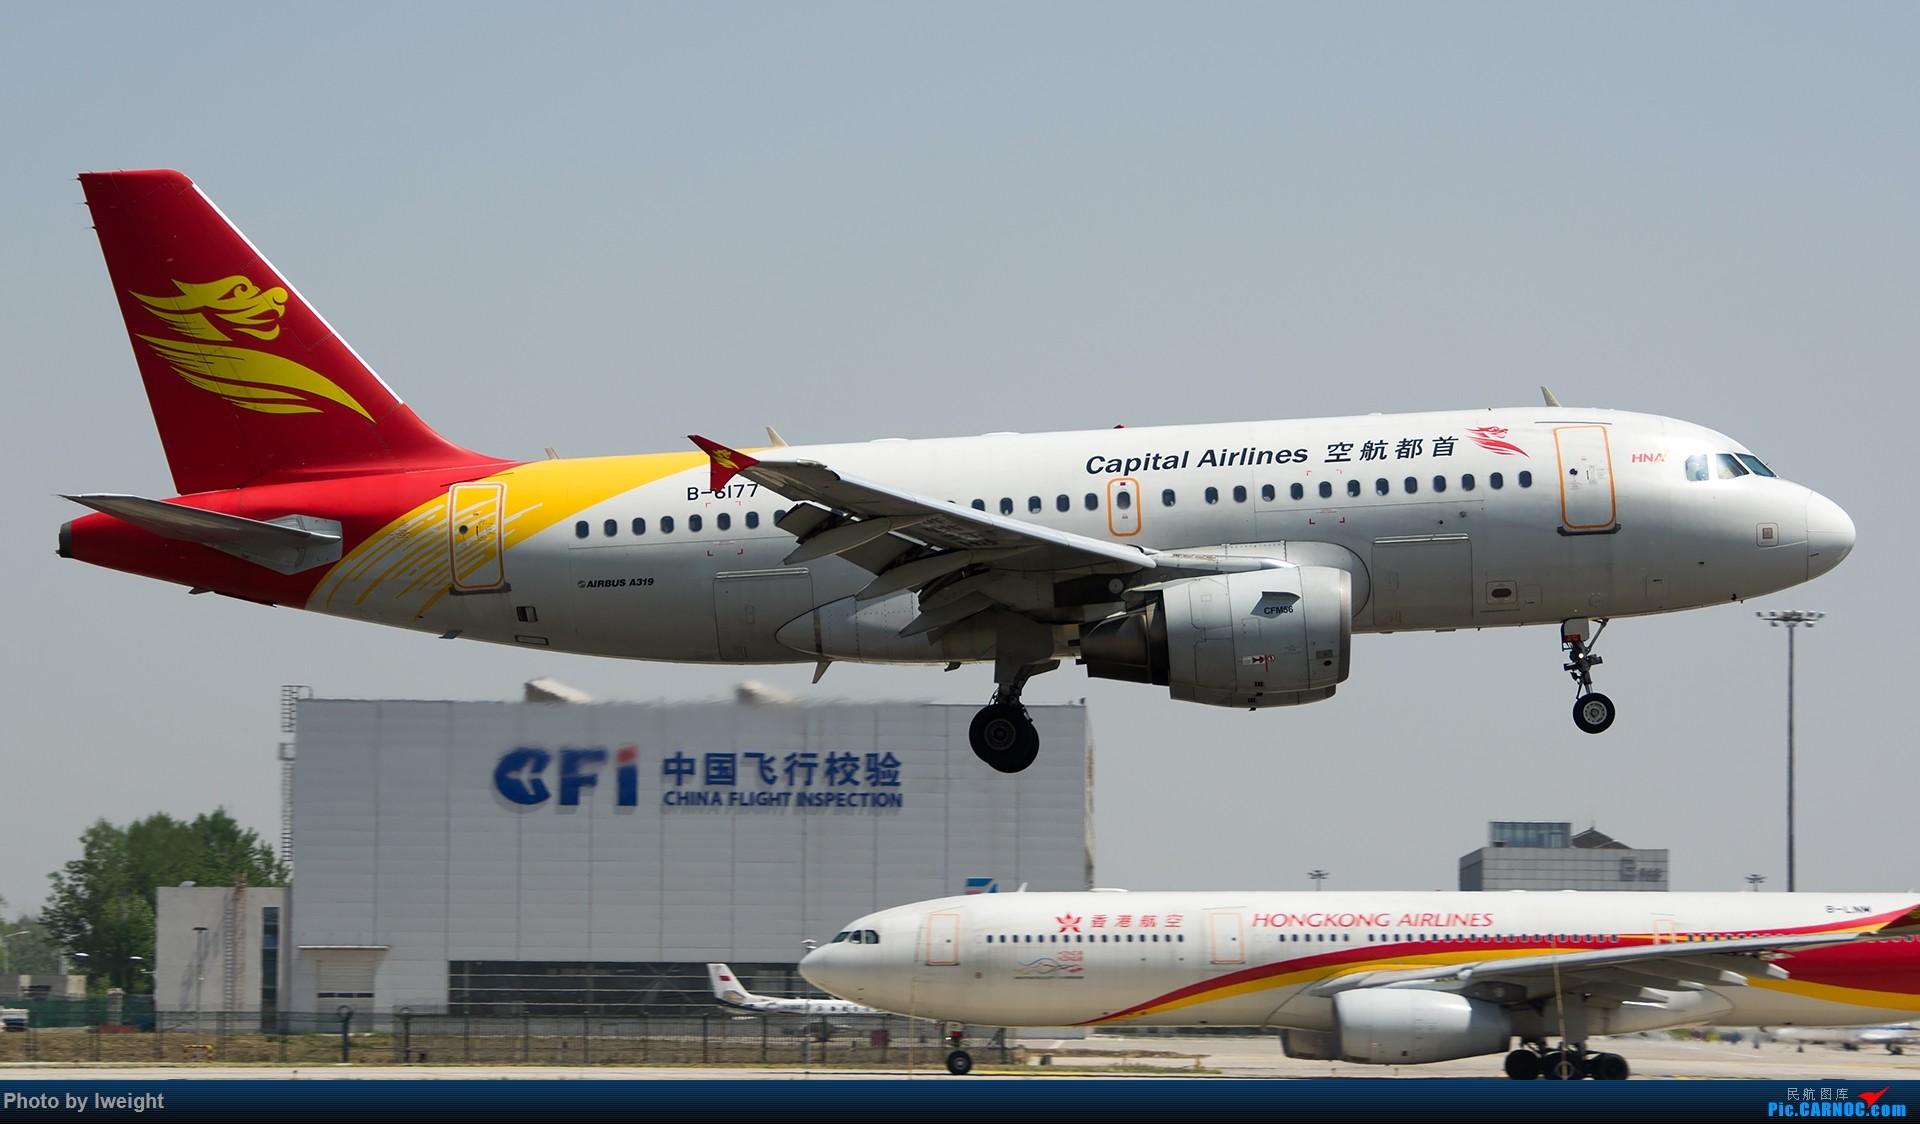 Re:[原创]2015年第一次在PEK拍北向南,其实是为Jimmy去的【2015-4-24】 AIRBUS A319-100 B-6177 中国北京首都国际机场